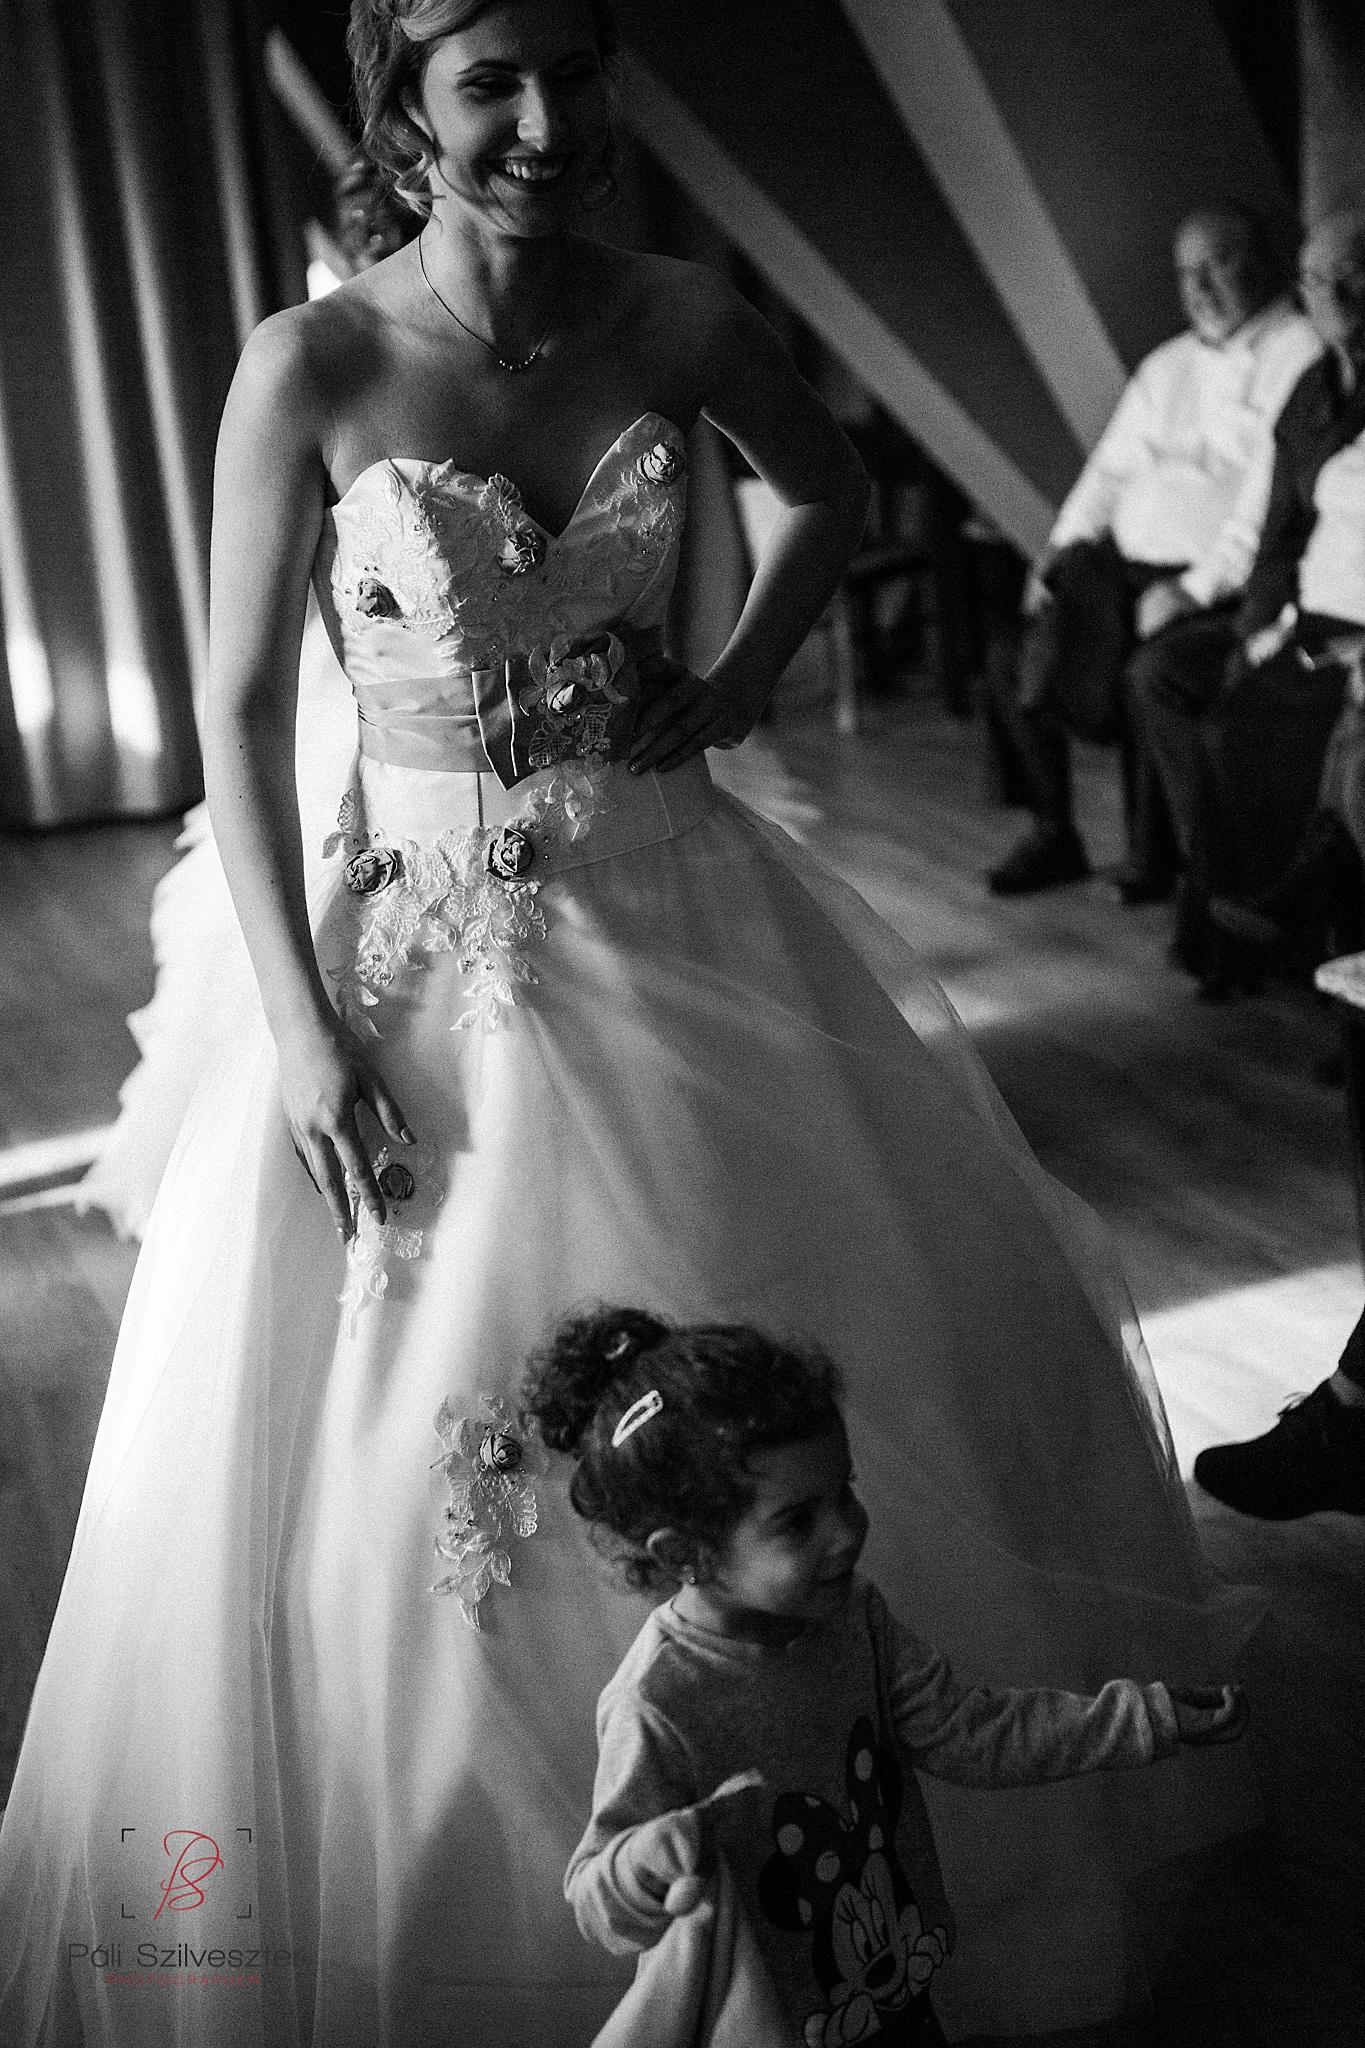 Páli-Szilveszter-székesfehérvári-esküvői-fotós-siófok-2016-02-28-1827.jpg